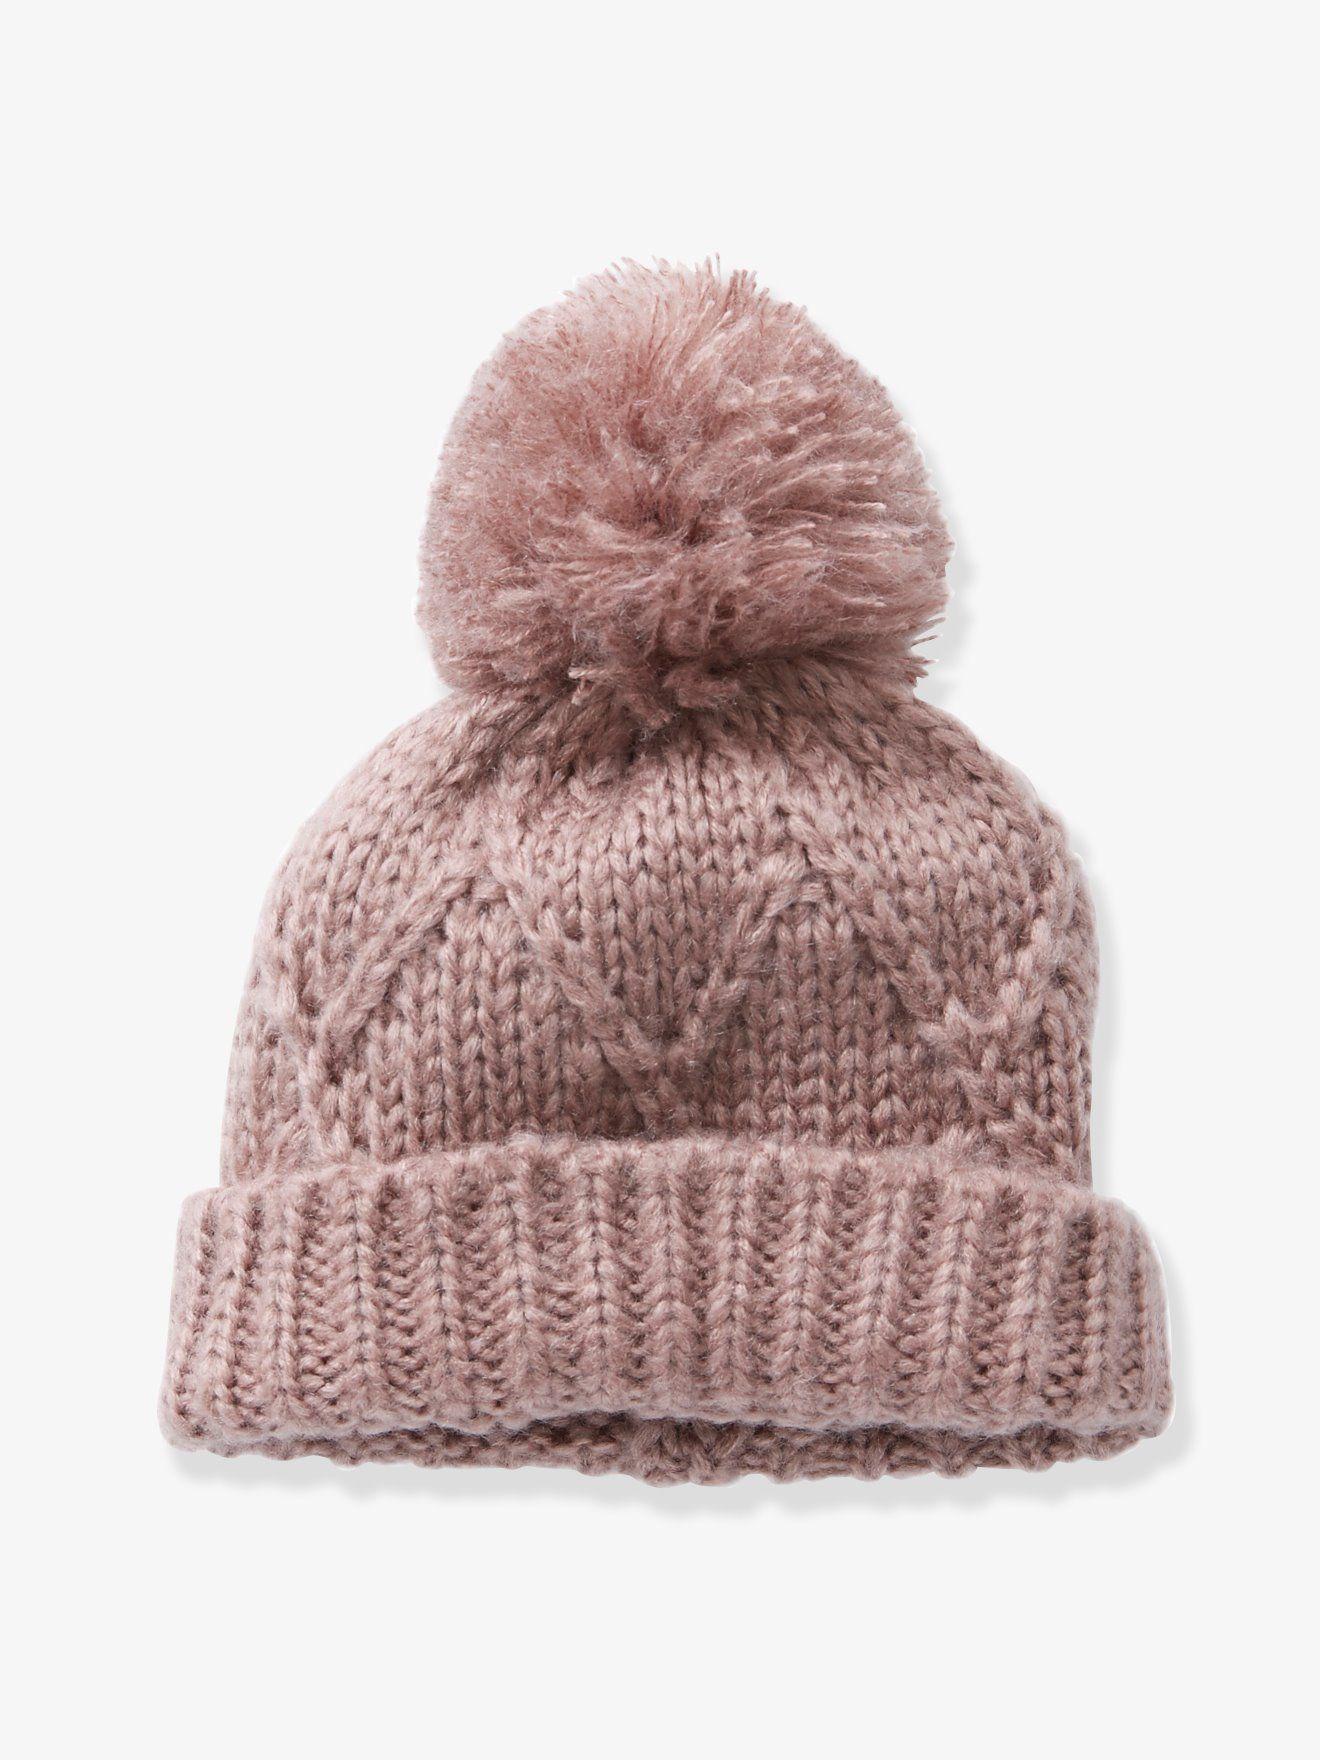 Bonnet + écharpe torsades fille rose blush - Torsades travaillées, coloris  poudré et maille douce... ce duo stylé va vous faire aimer l hiver. 31425b5982d